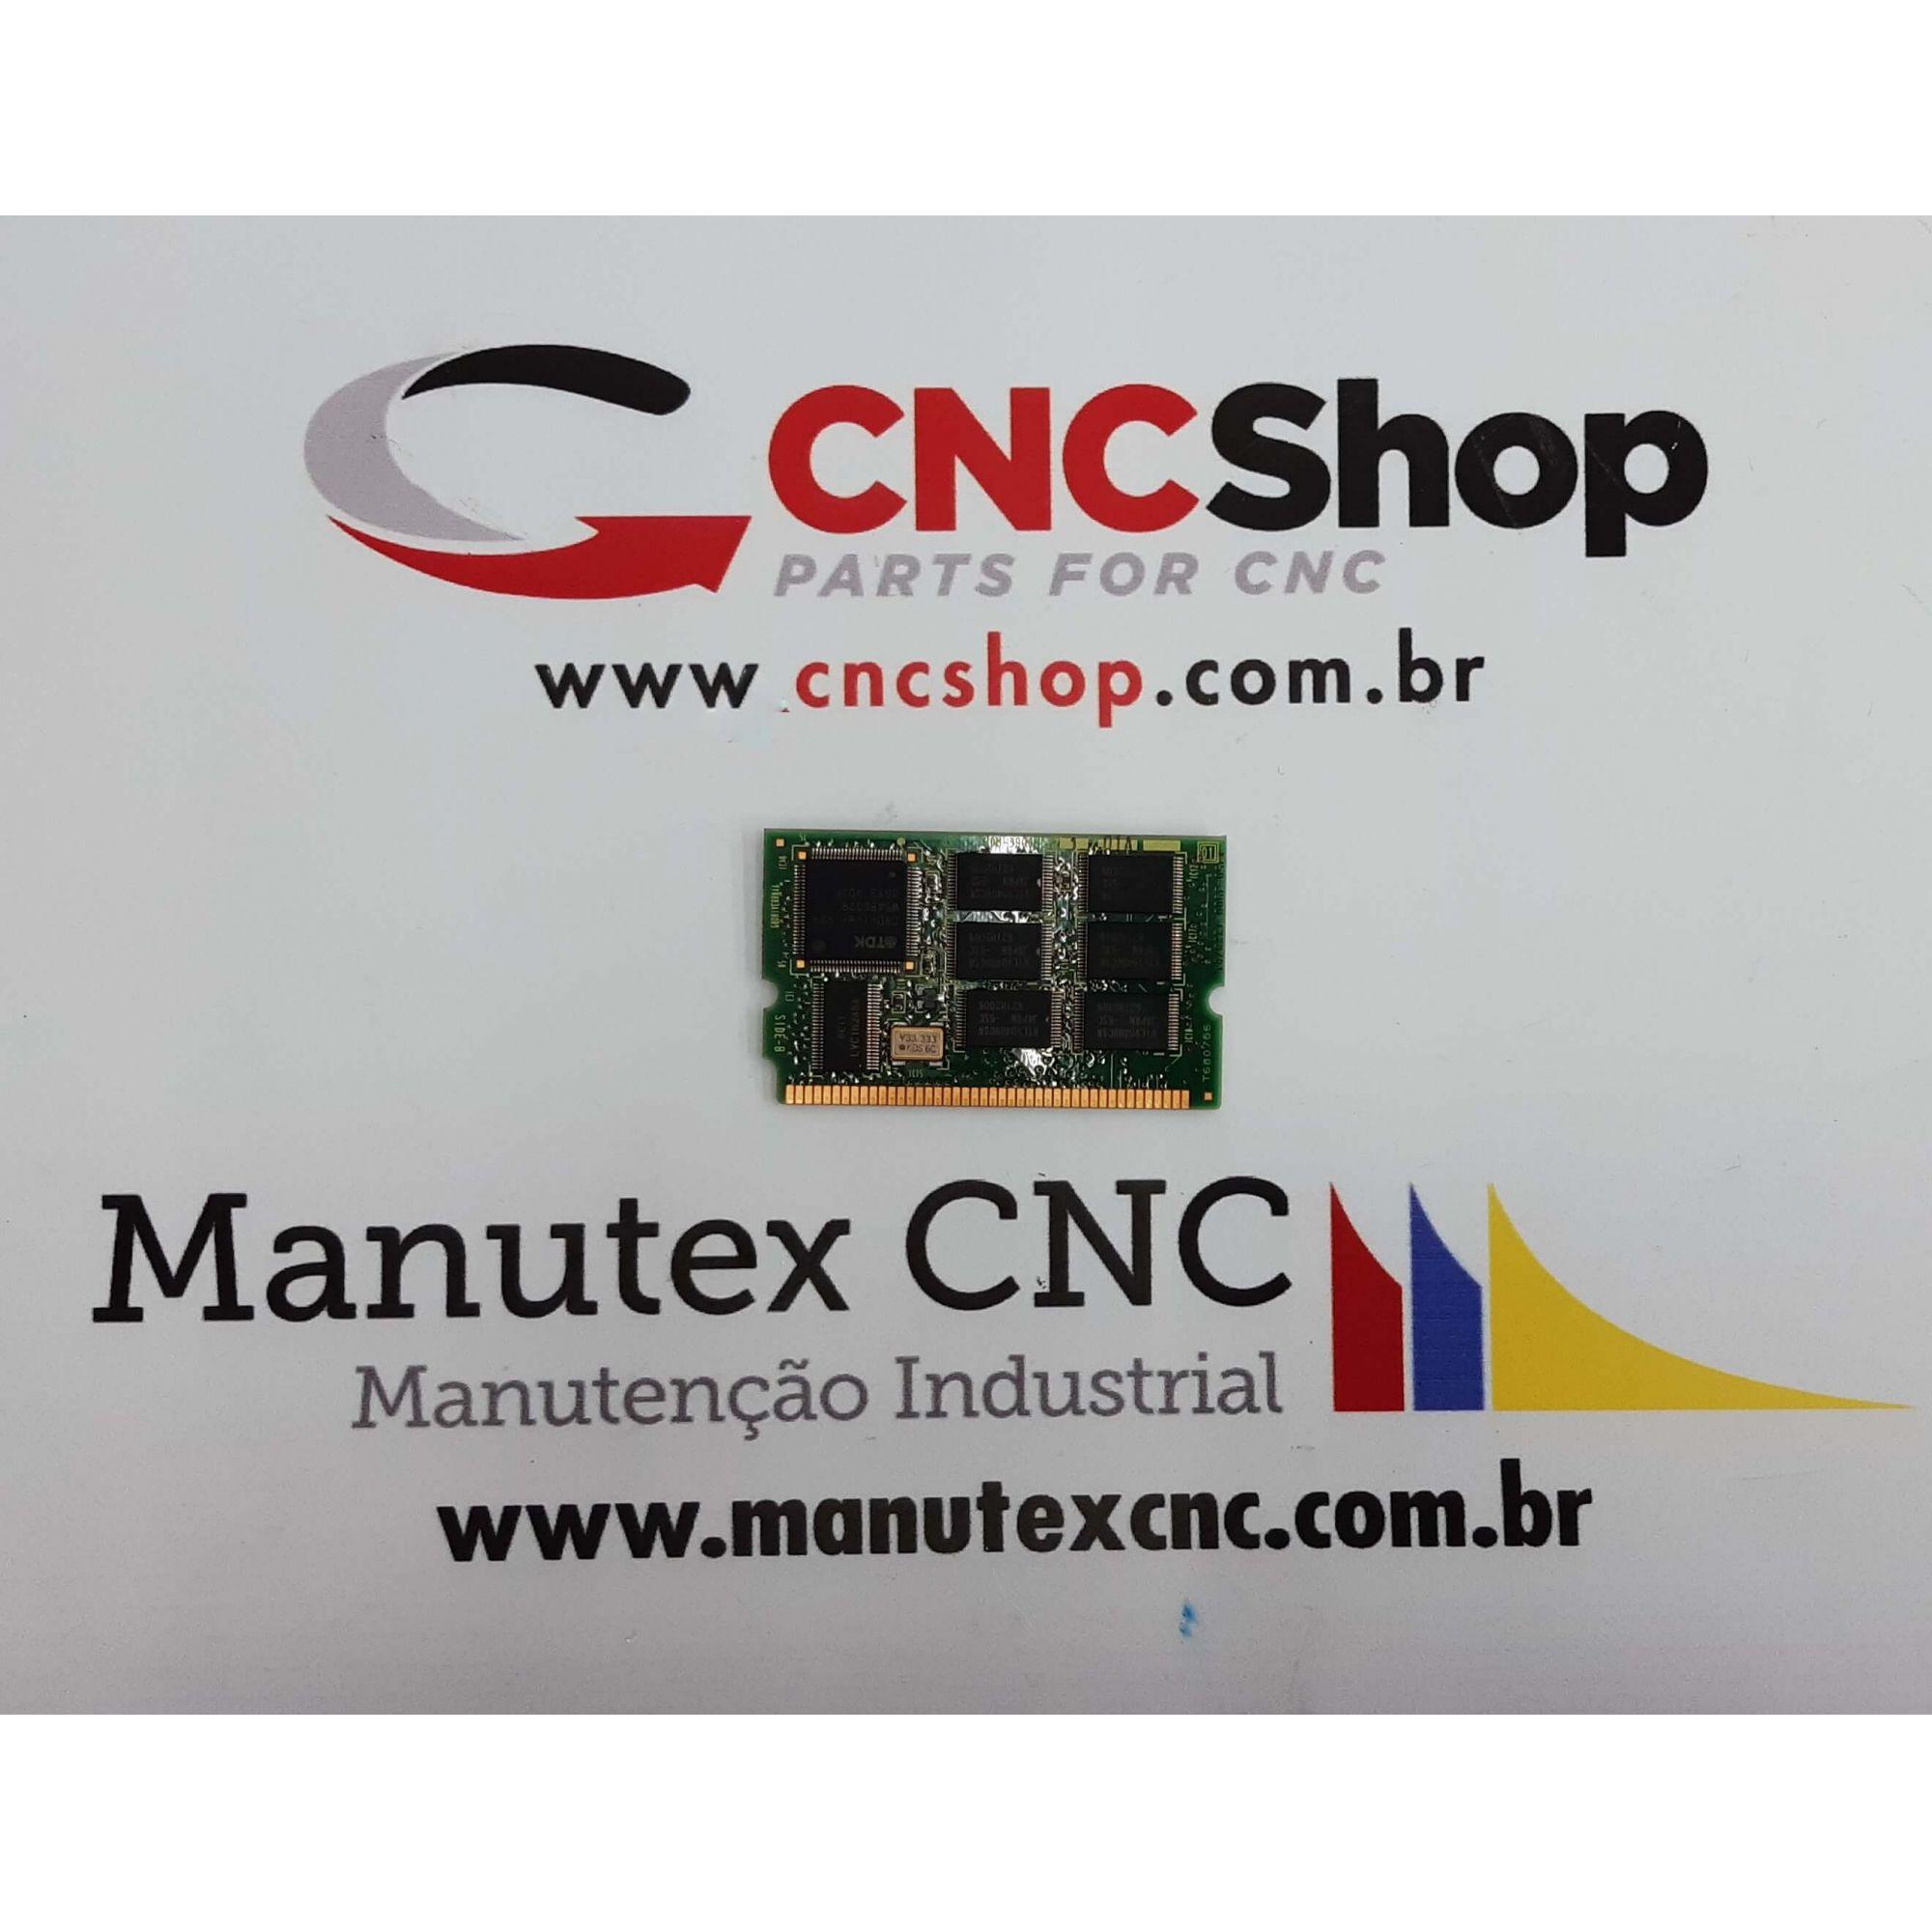 A20B-3900-0221 | PLACA SRAM CNC | FANUC